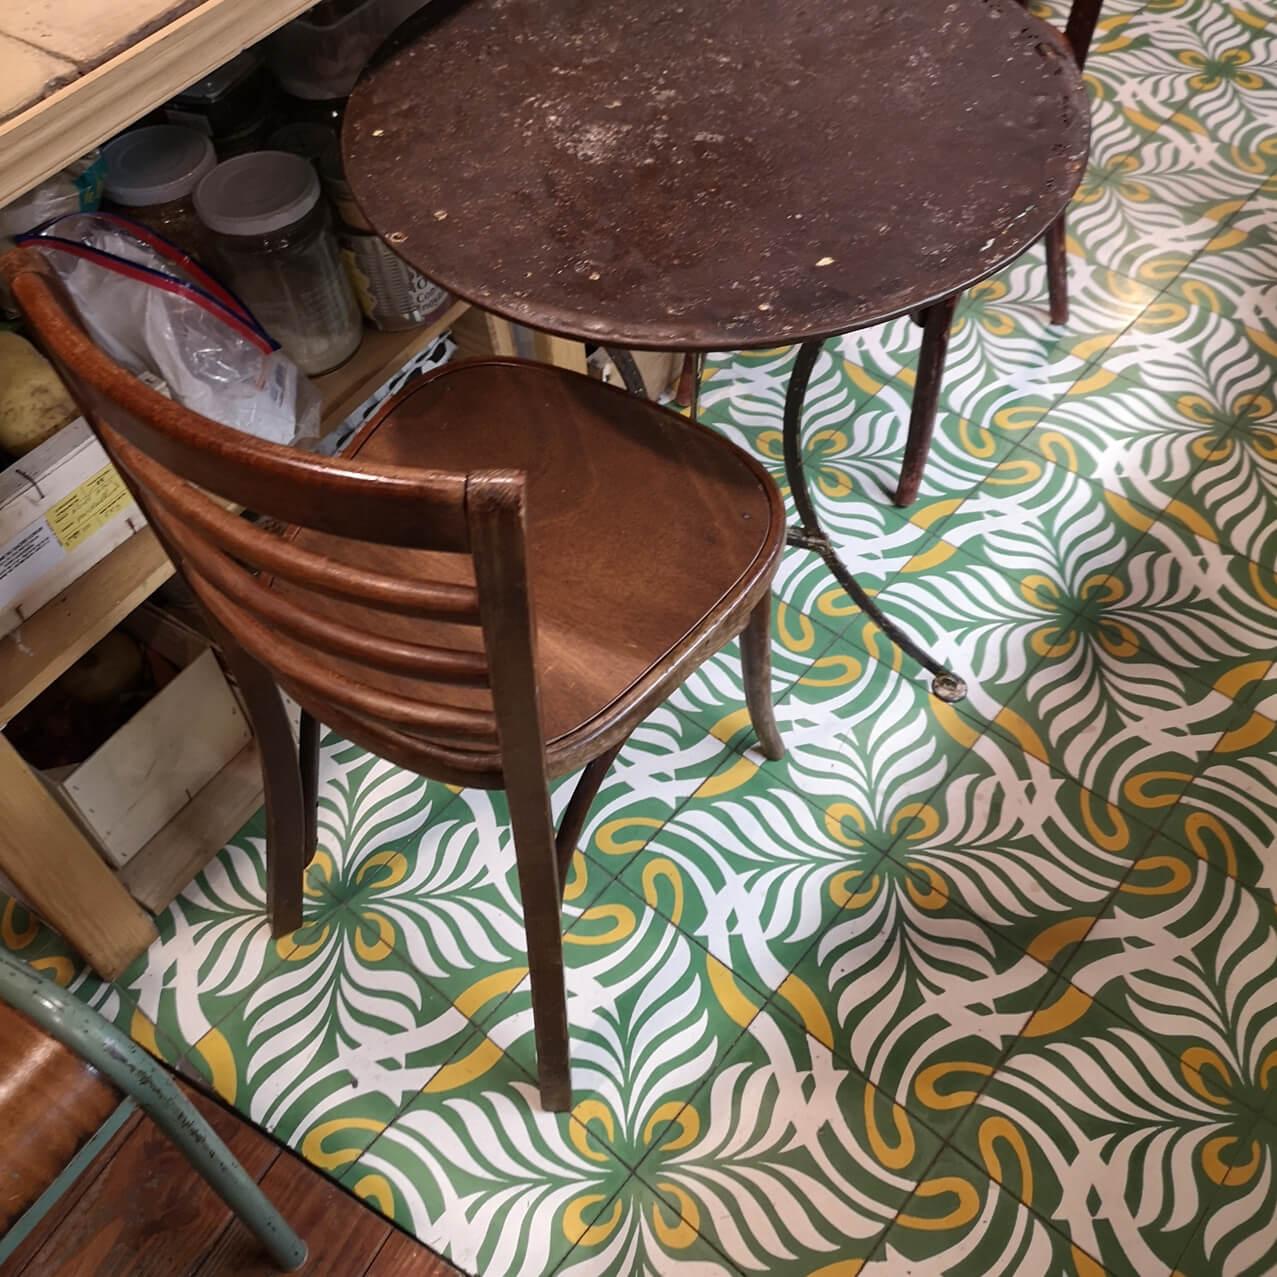 Carreaux de ciment vert sur le sol d'une cuisine